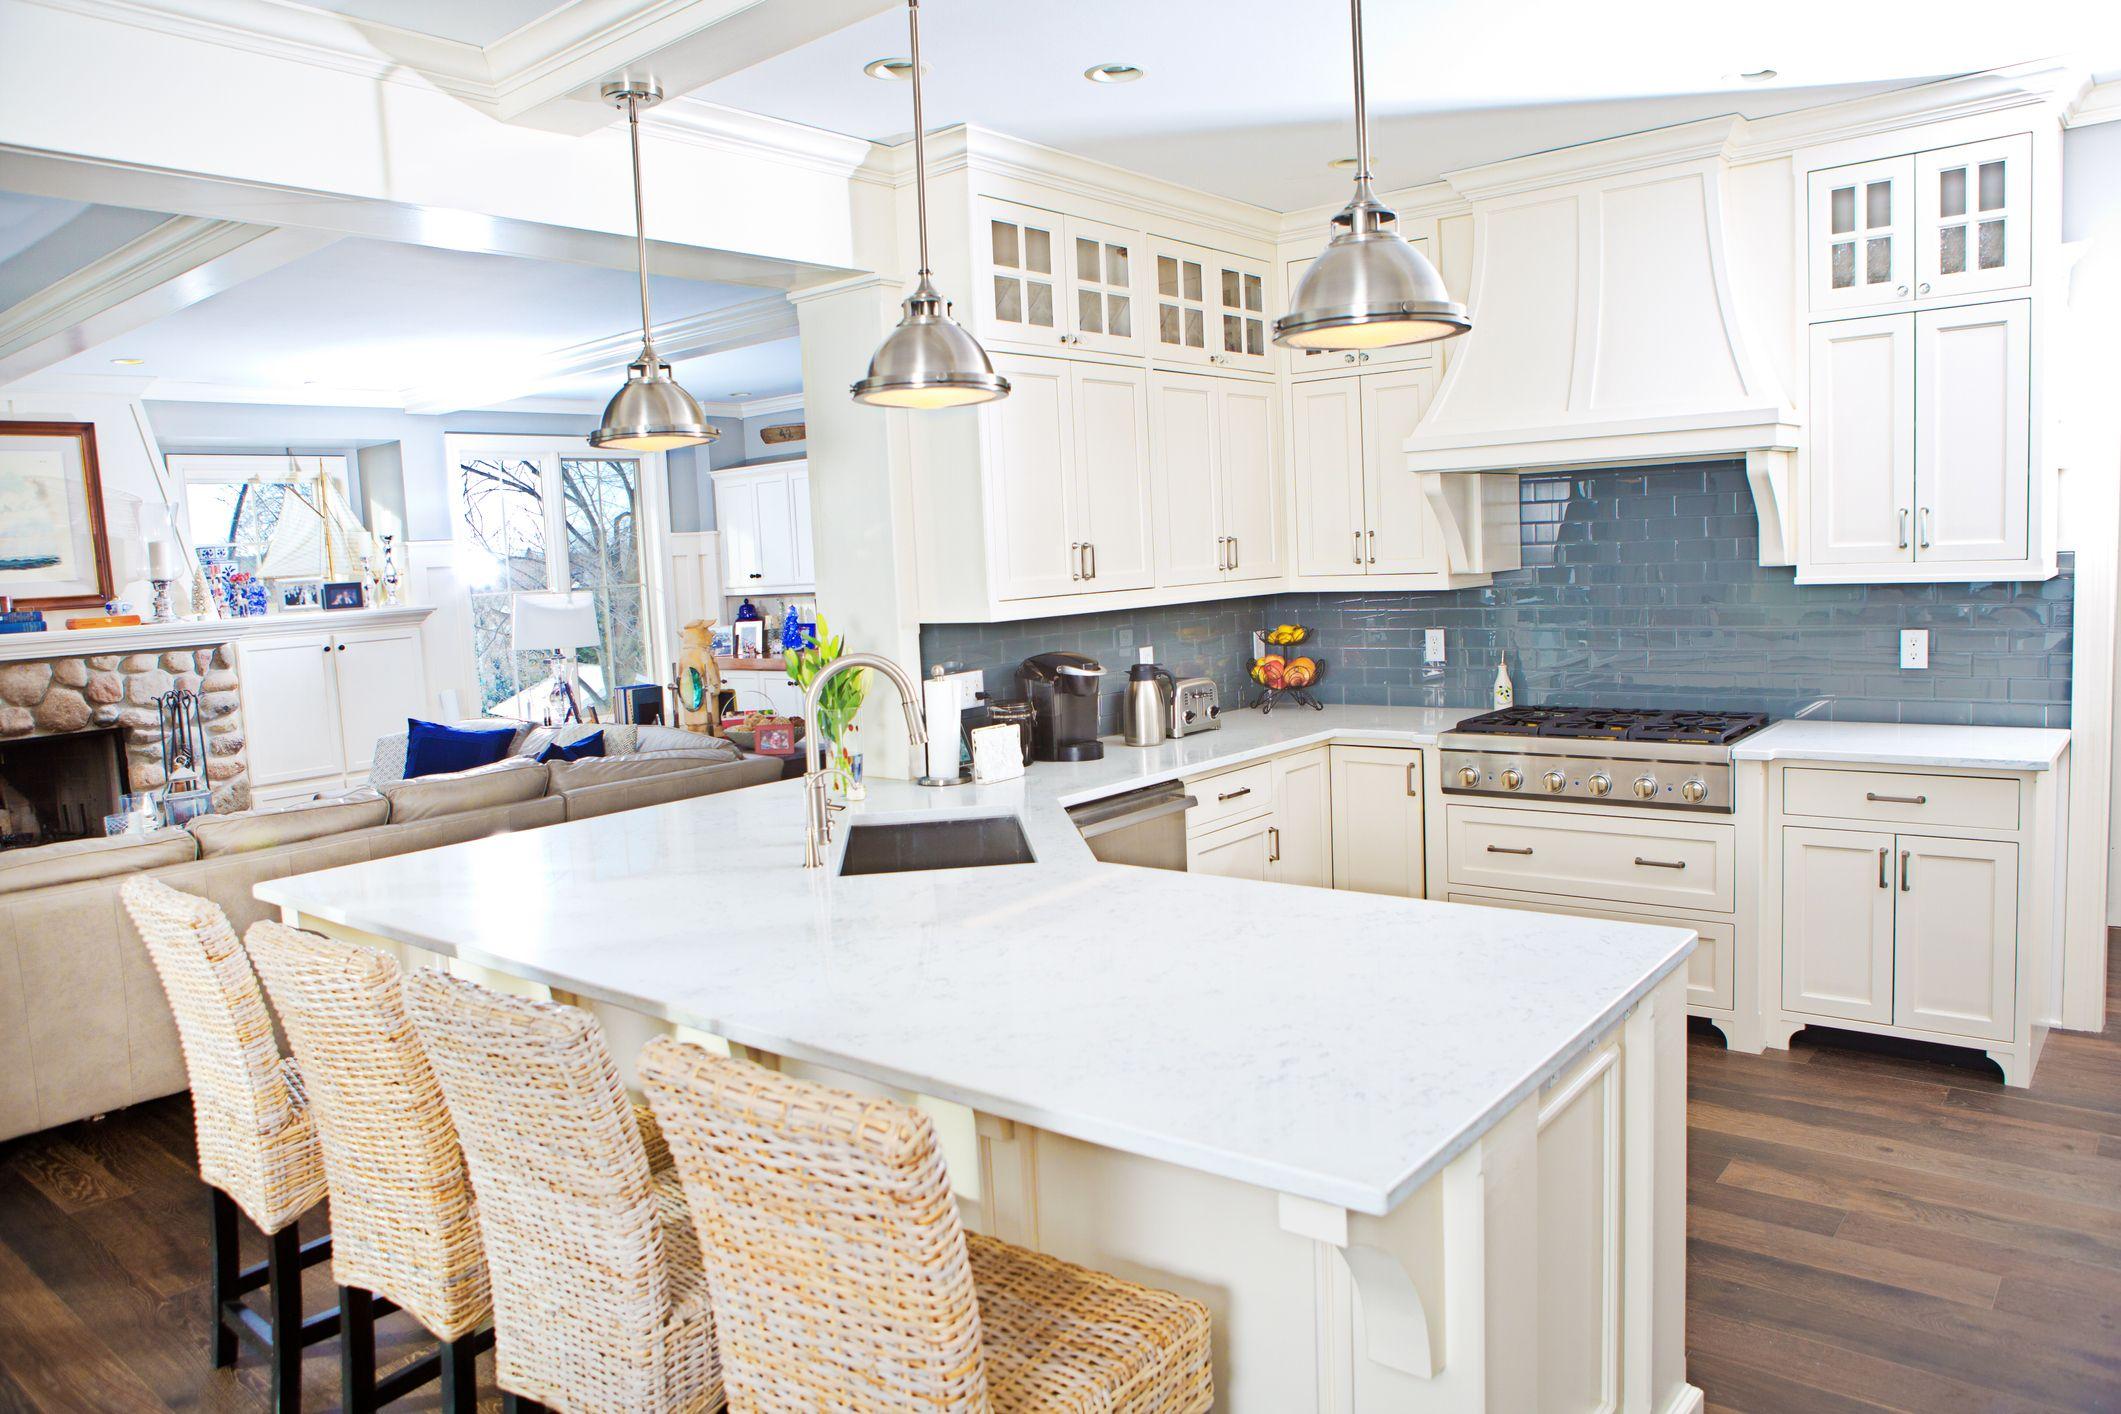 - Kitchen Backsplash Tiling How To Tile A Backsplash